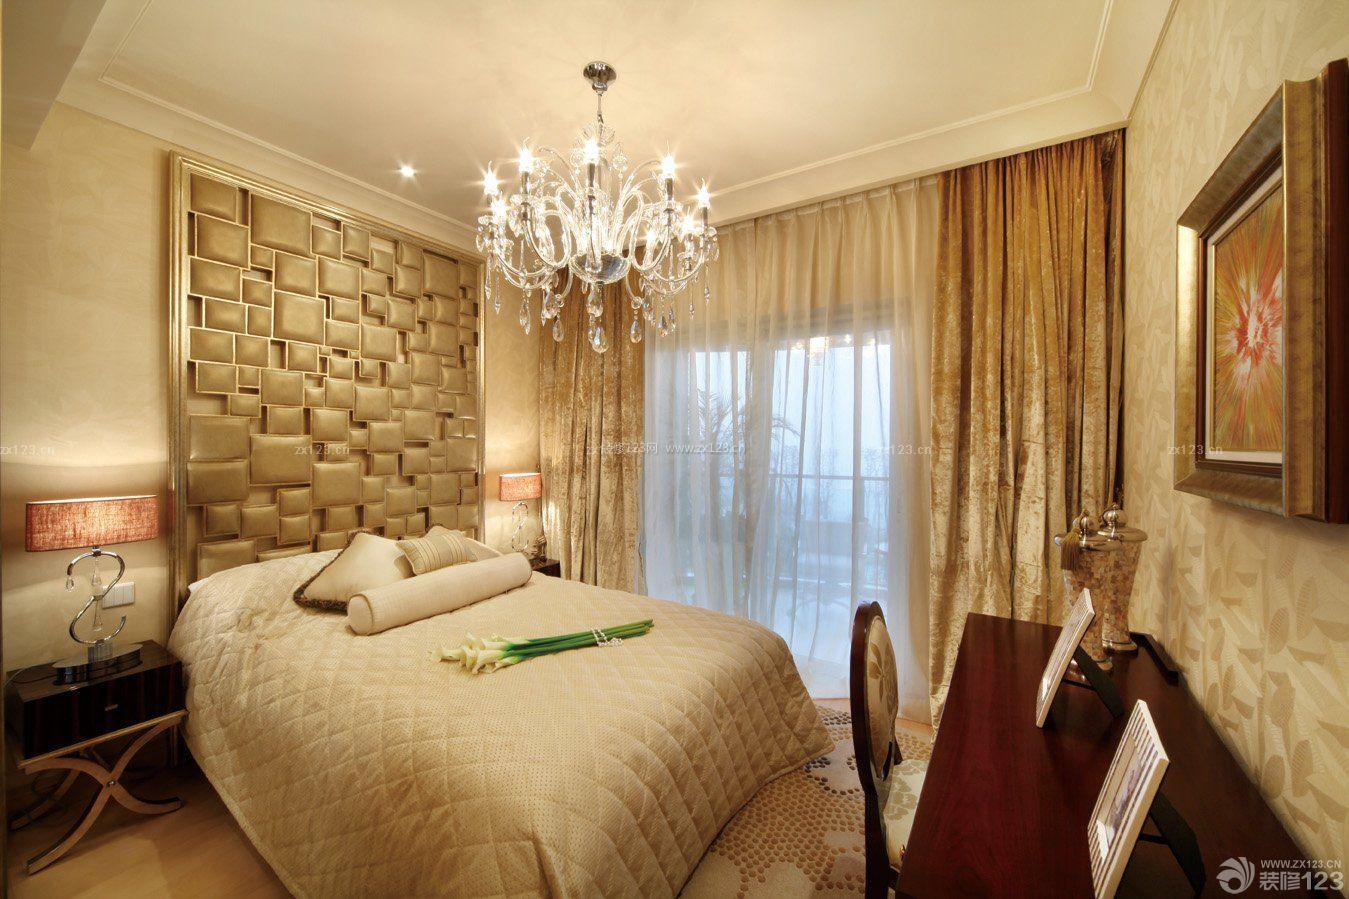 欧式小房间窗帘装修效果图片